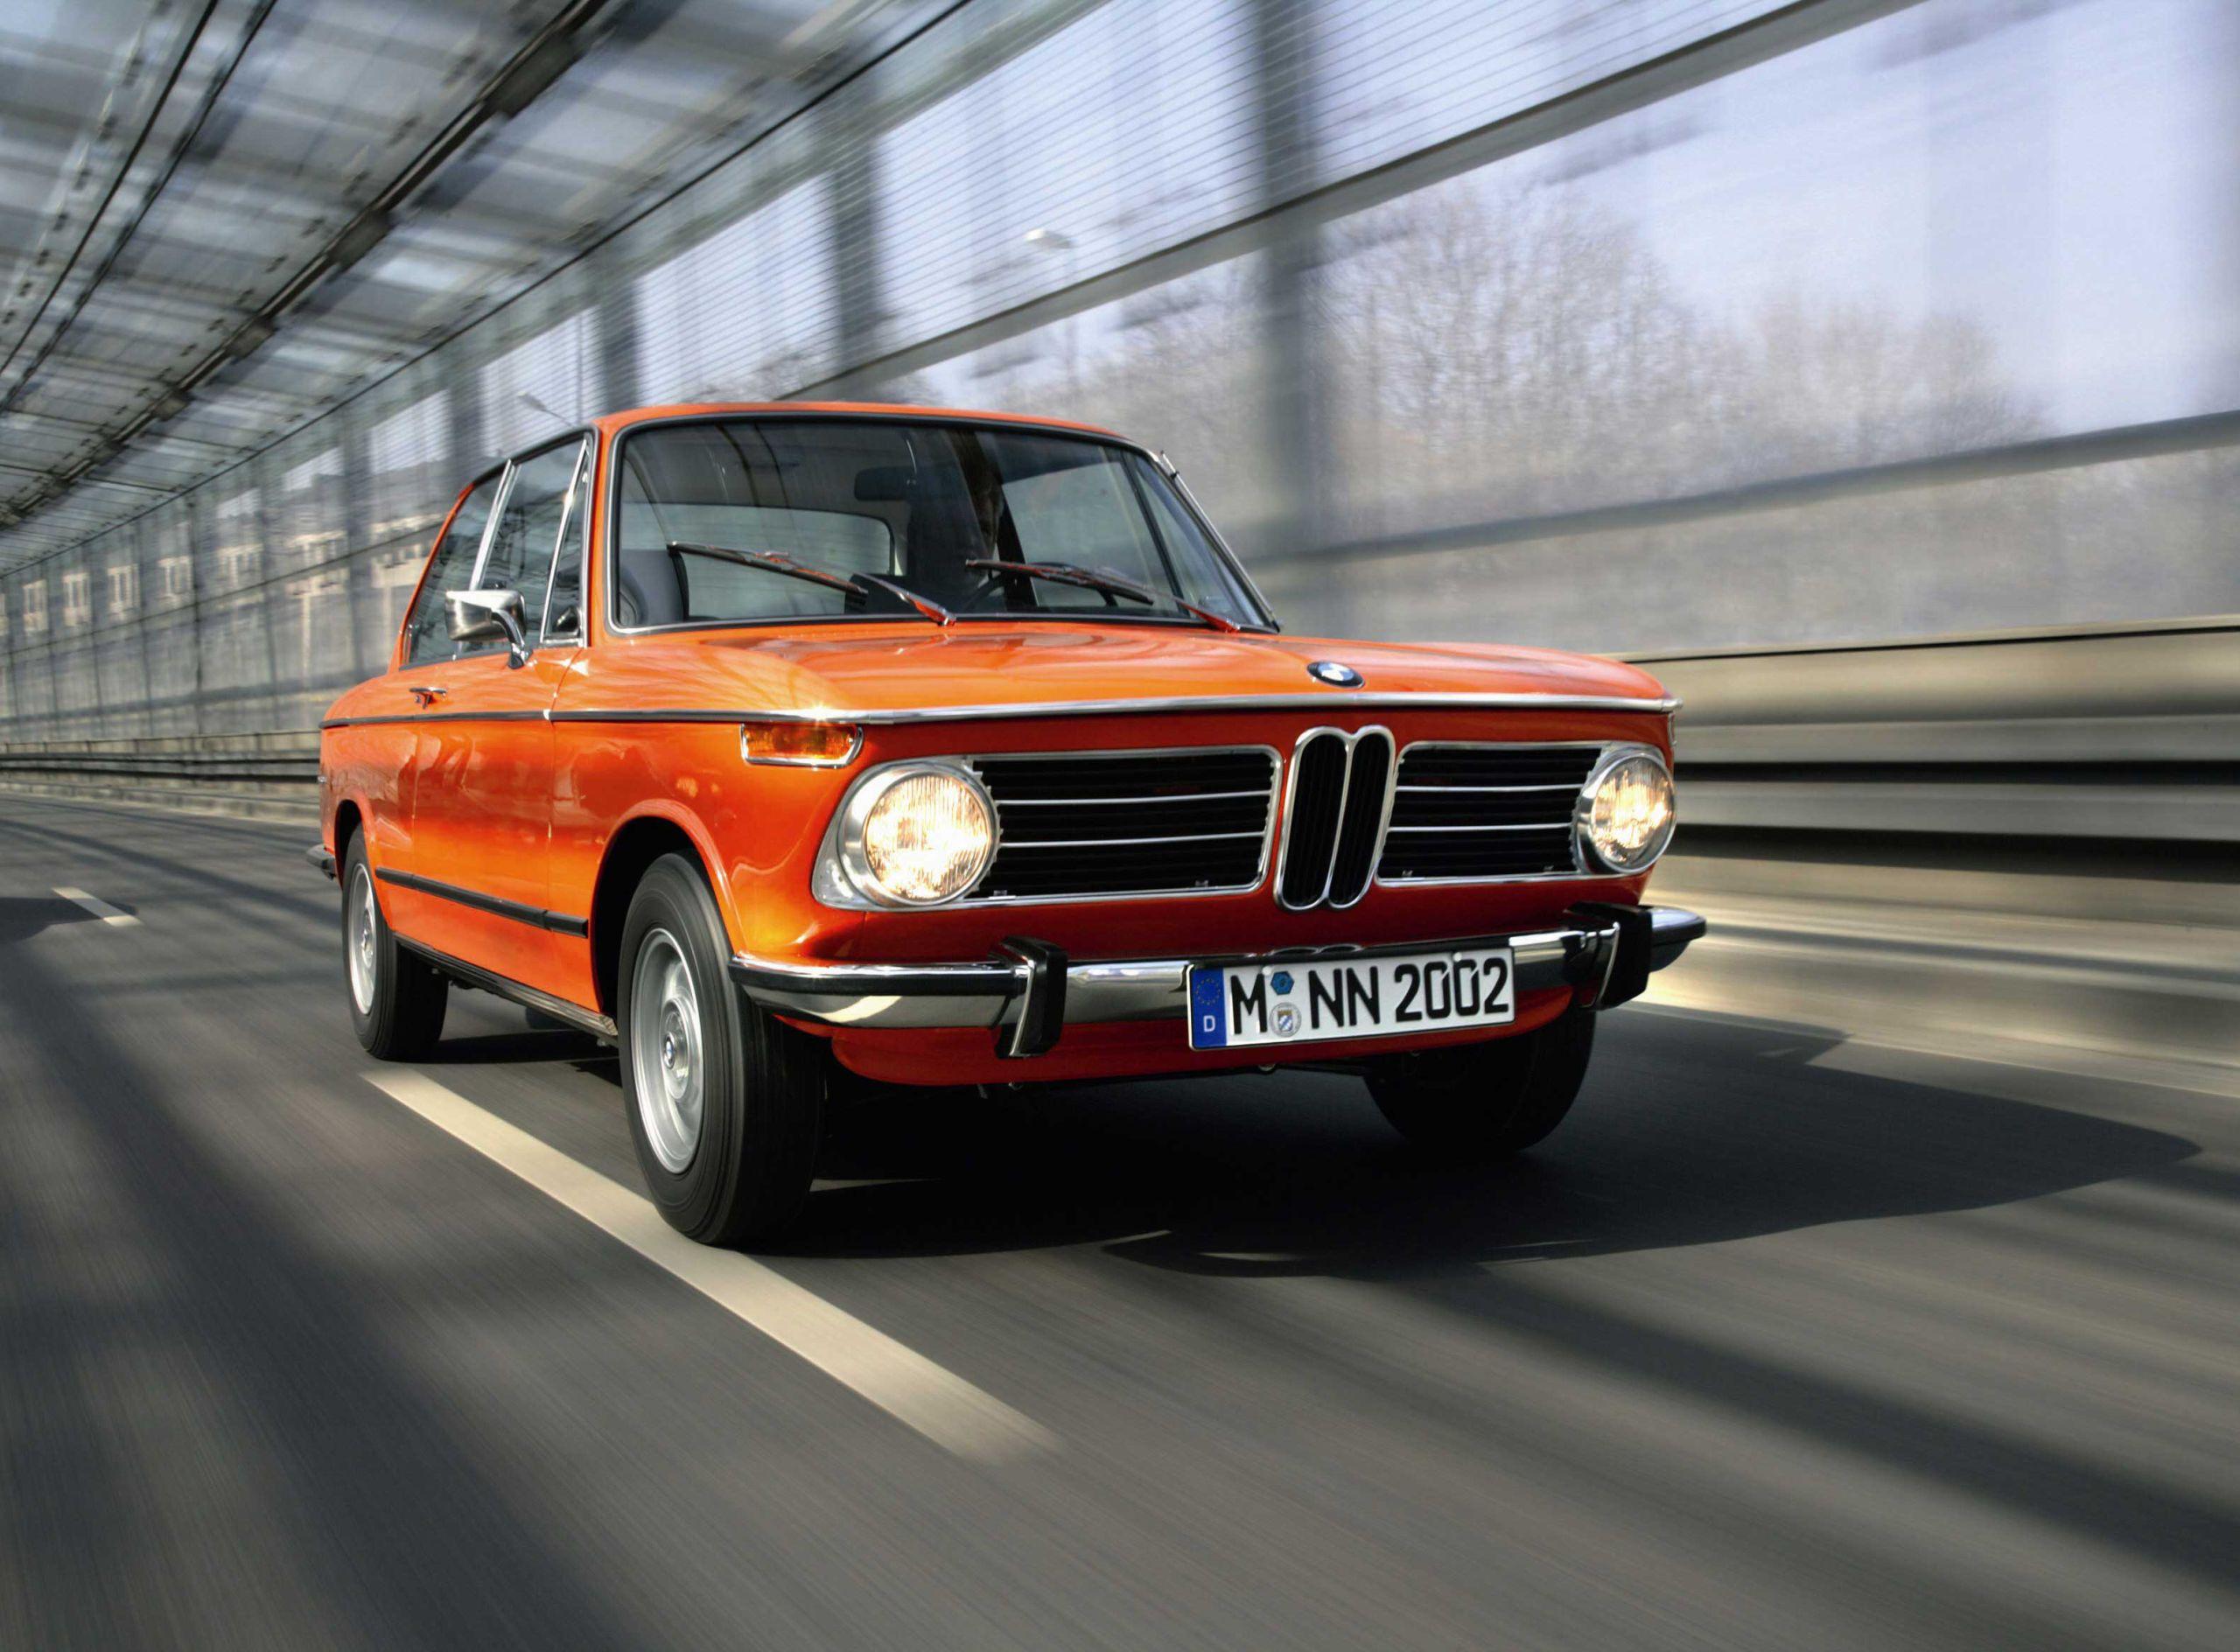 The Bmw 2002 An Automotive Icon Bmw Klassieke Auto S Oldtimers